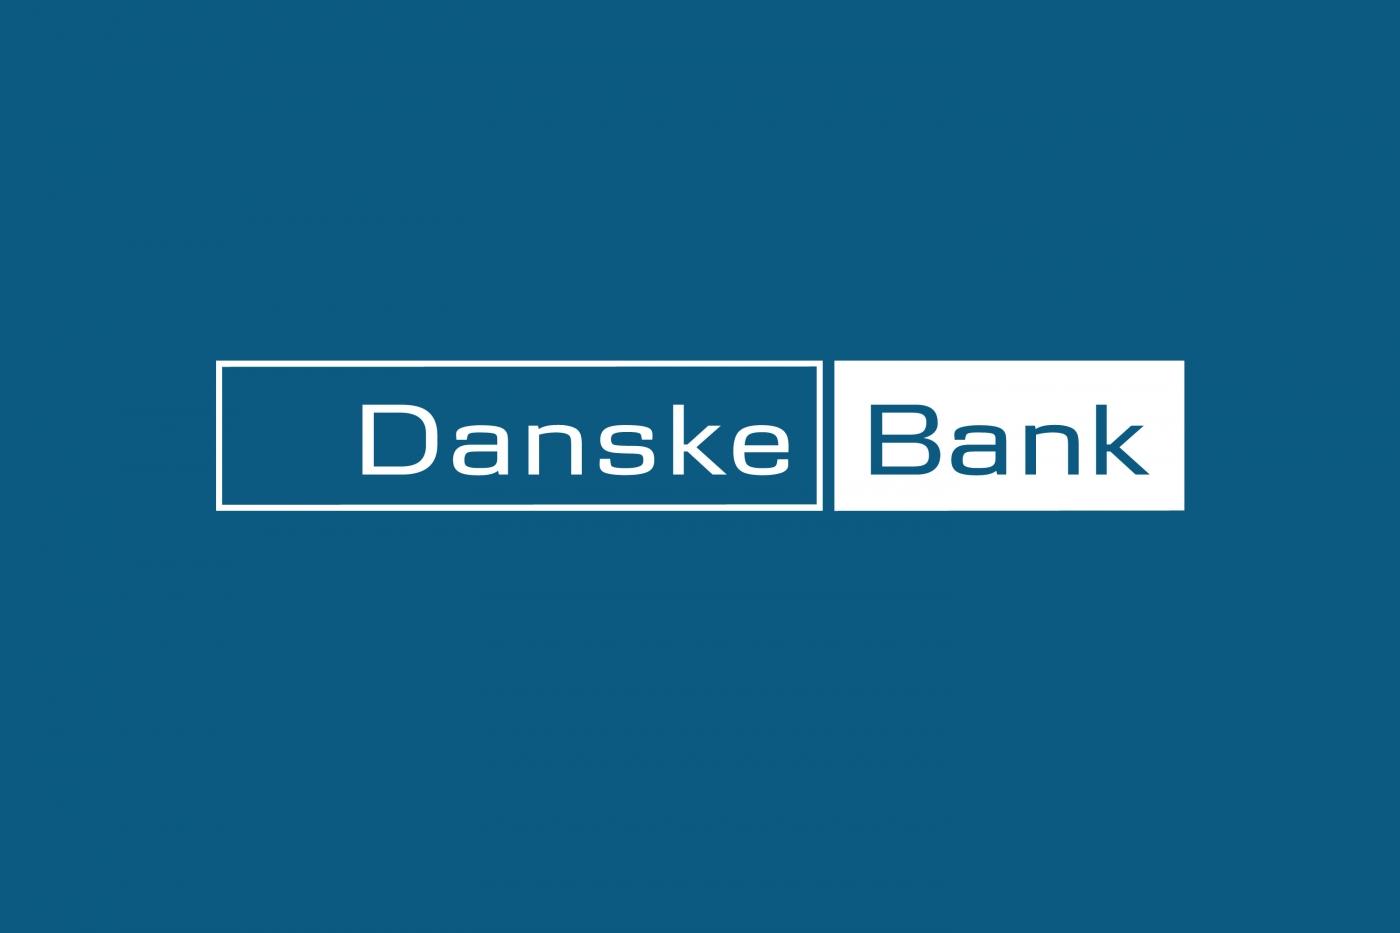 Dansbank